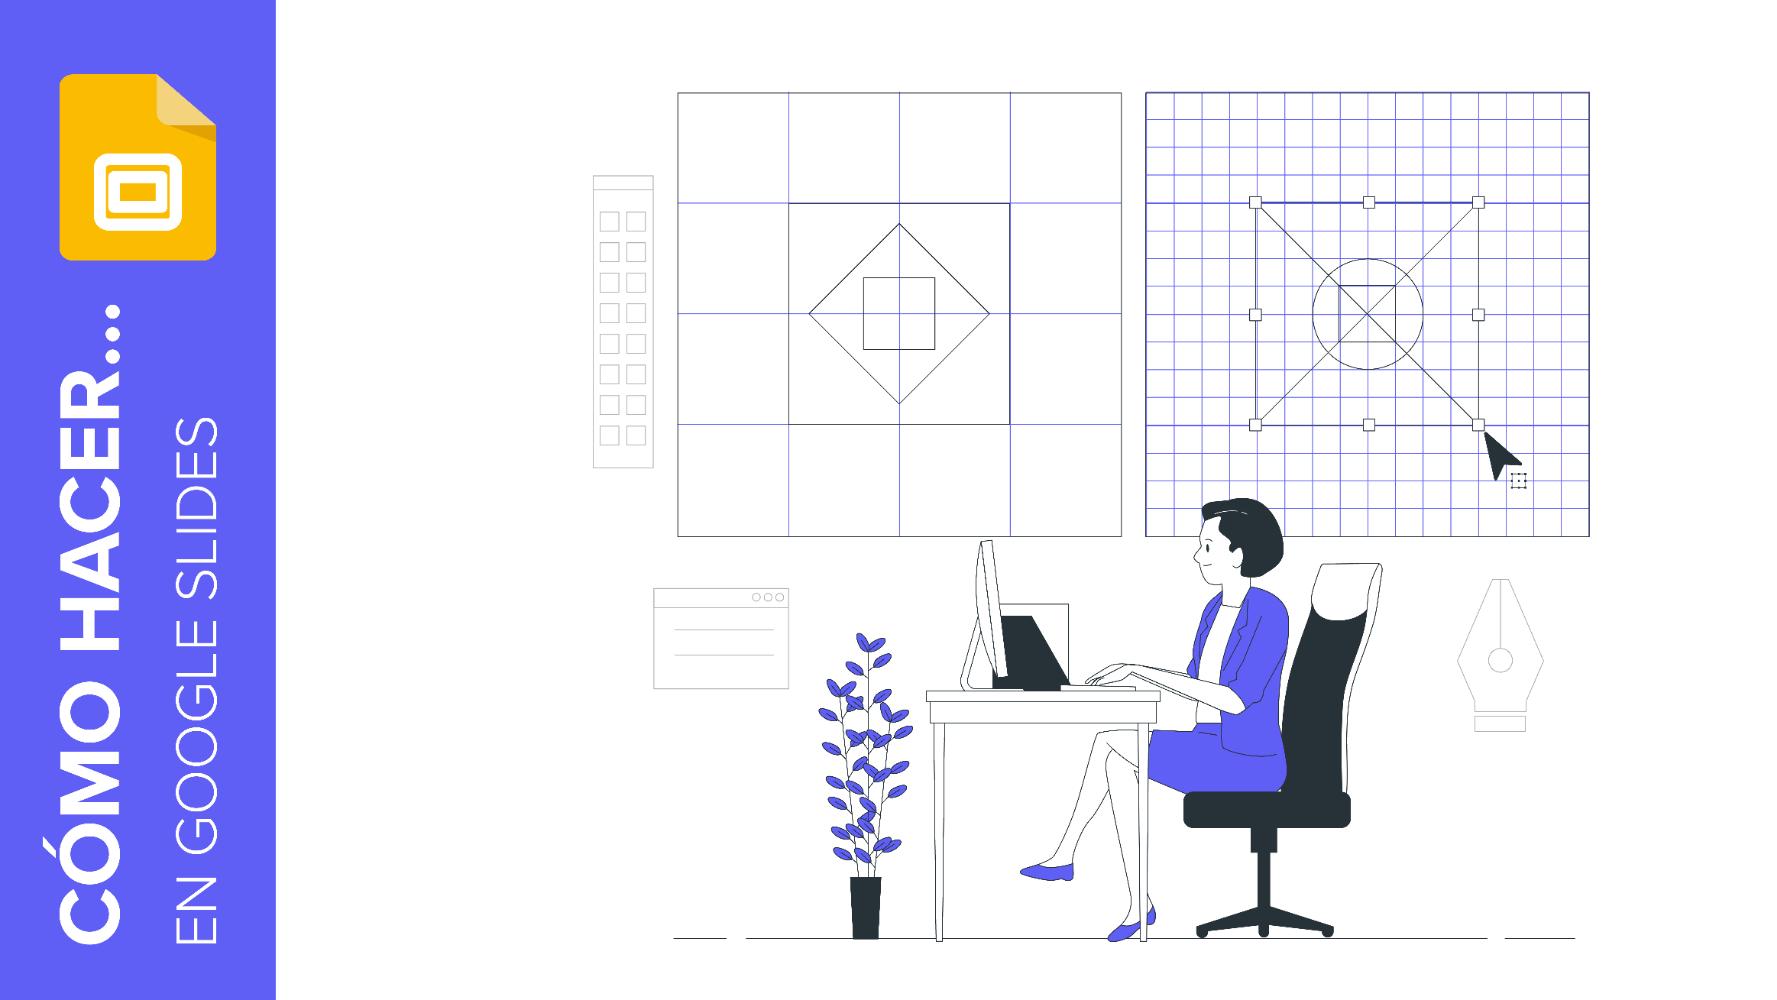 Cómo añadir un borde en Google Slides | Tutoriales y Tips para tus presentaciones